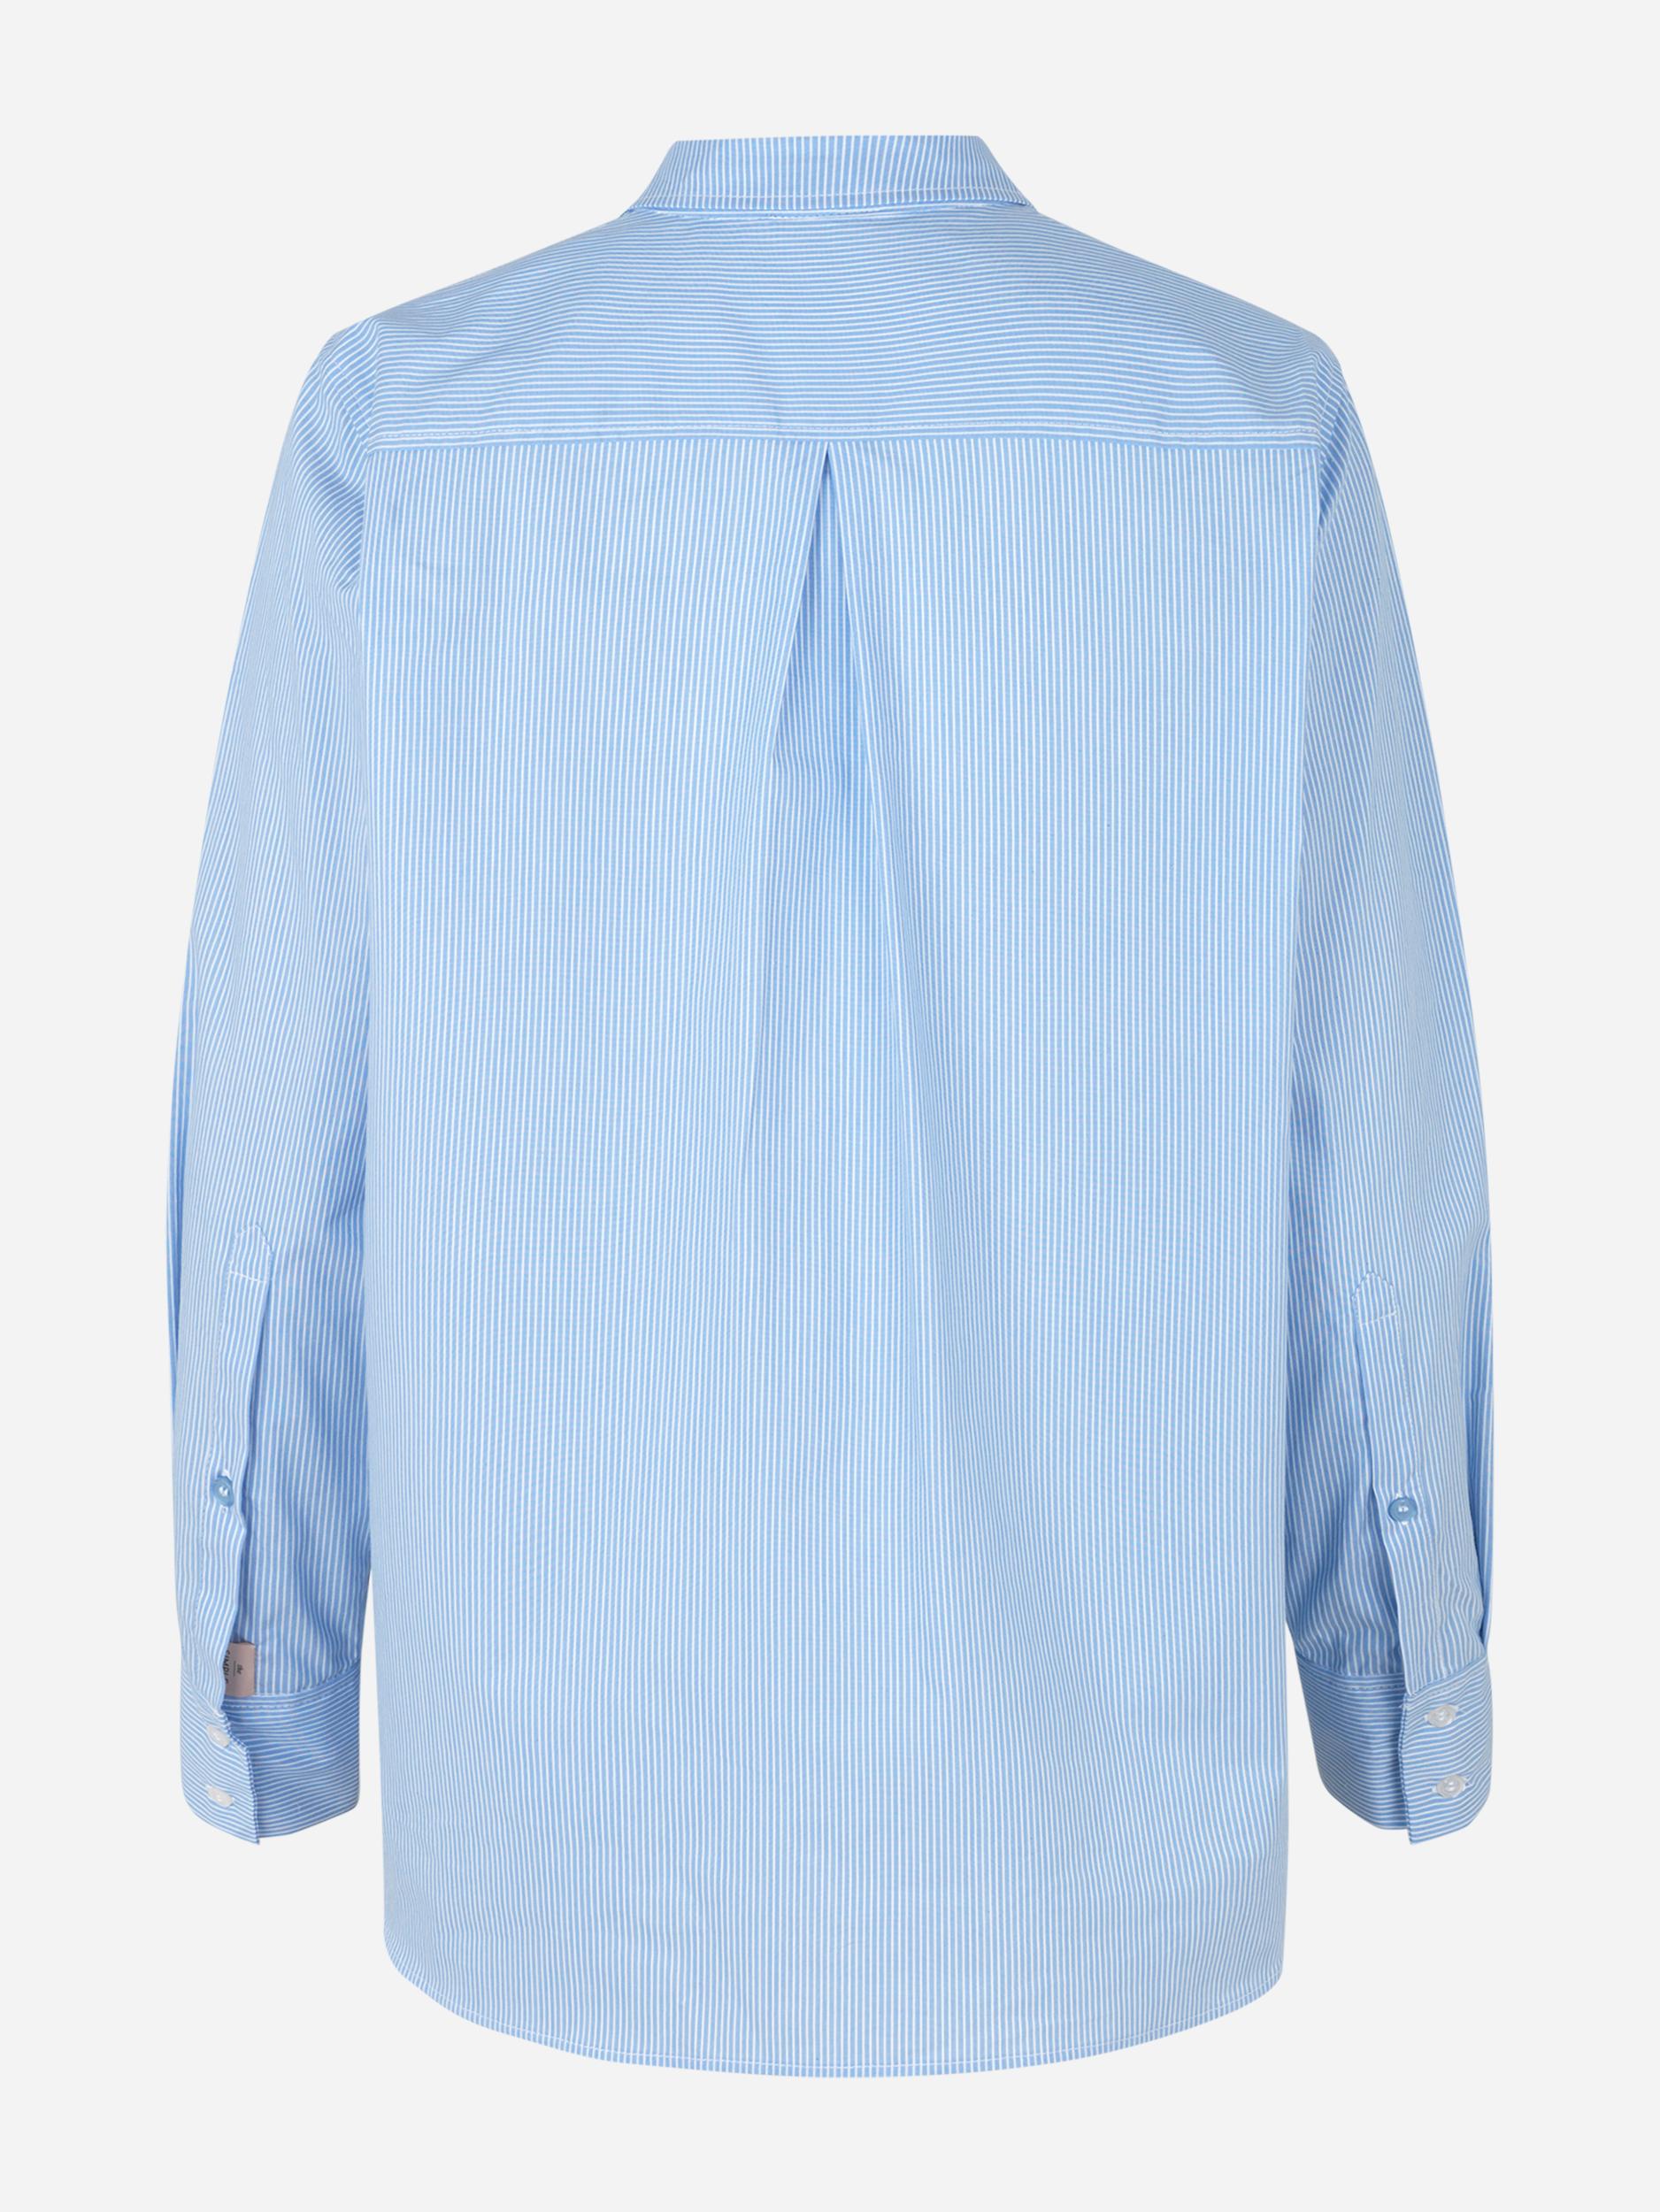 Munthe Honey skjorte, mix, 44